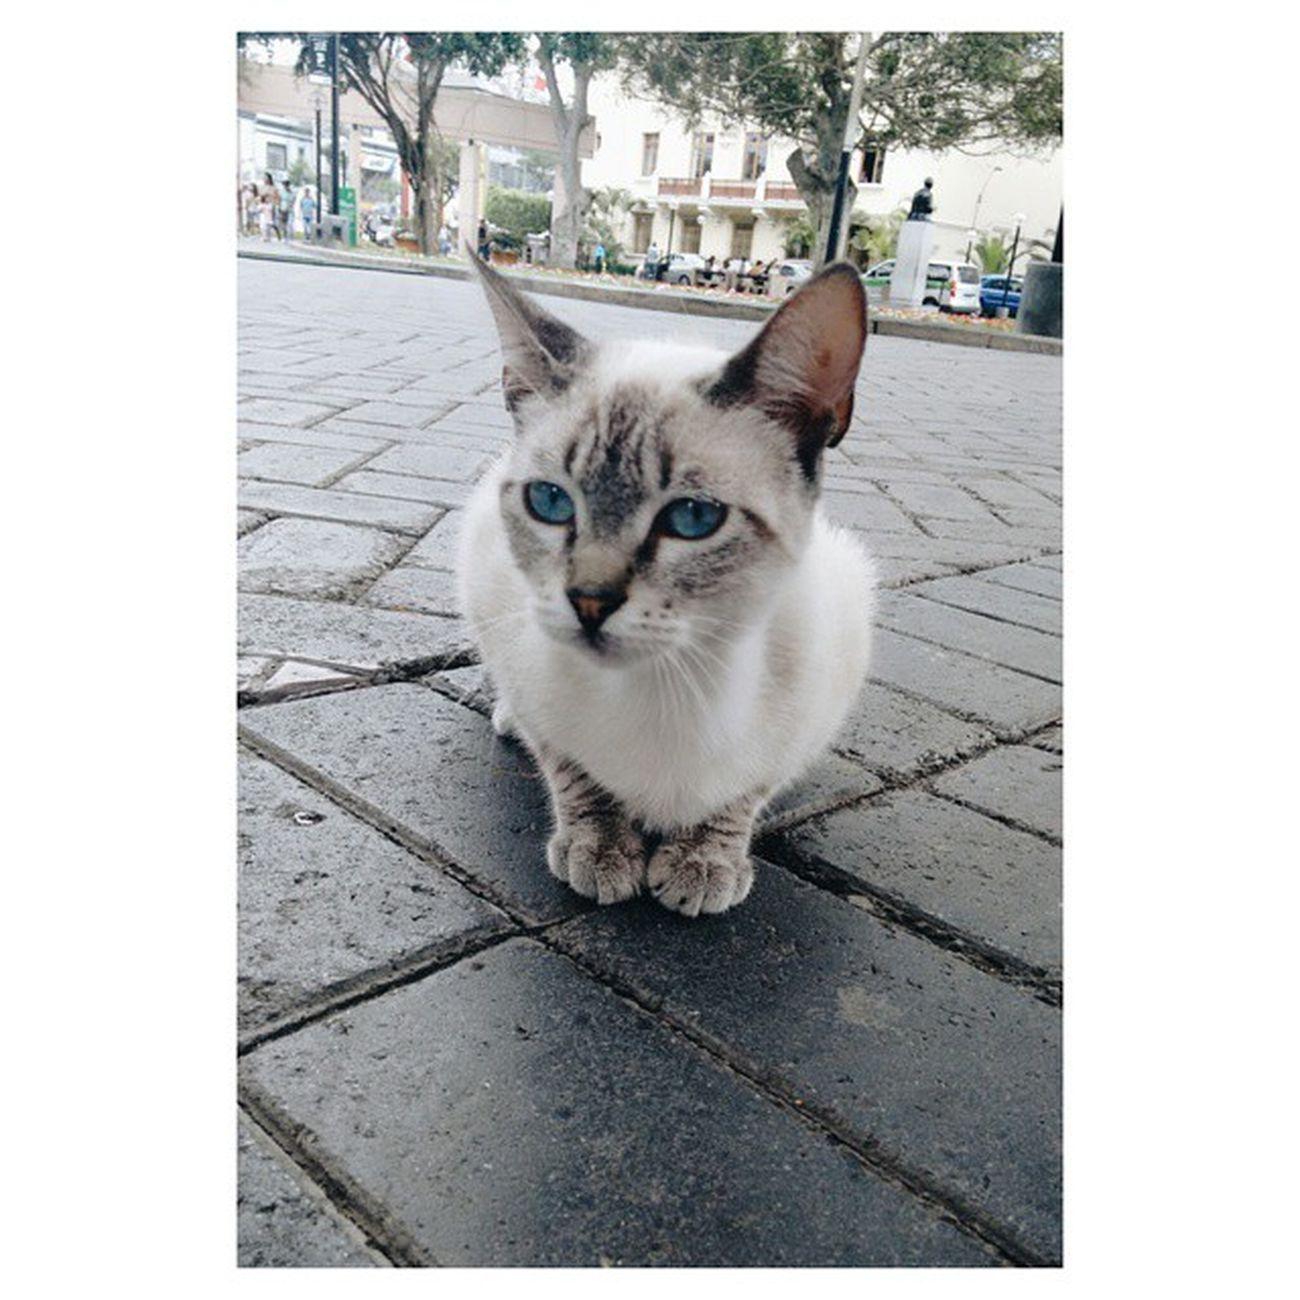 Michie Missyou Myfirstkitten Kittylover Kittylover Kitten Kitty Kittylove